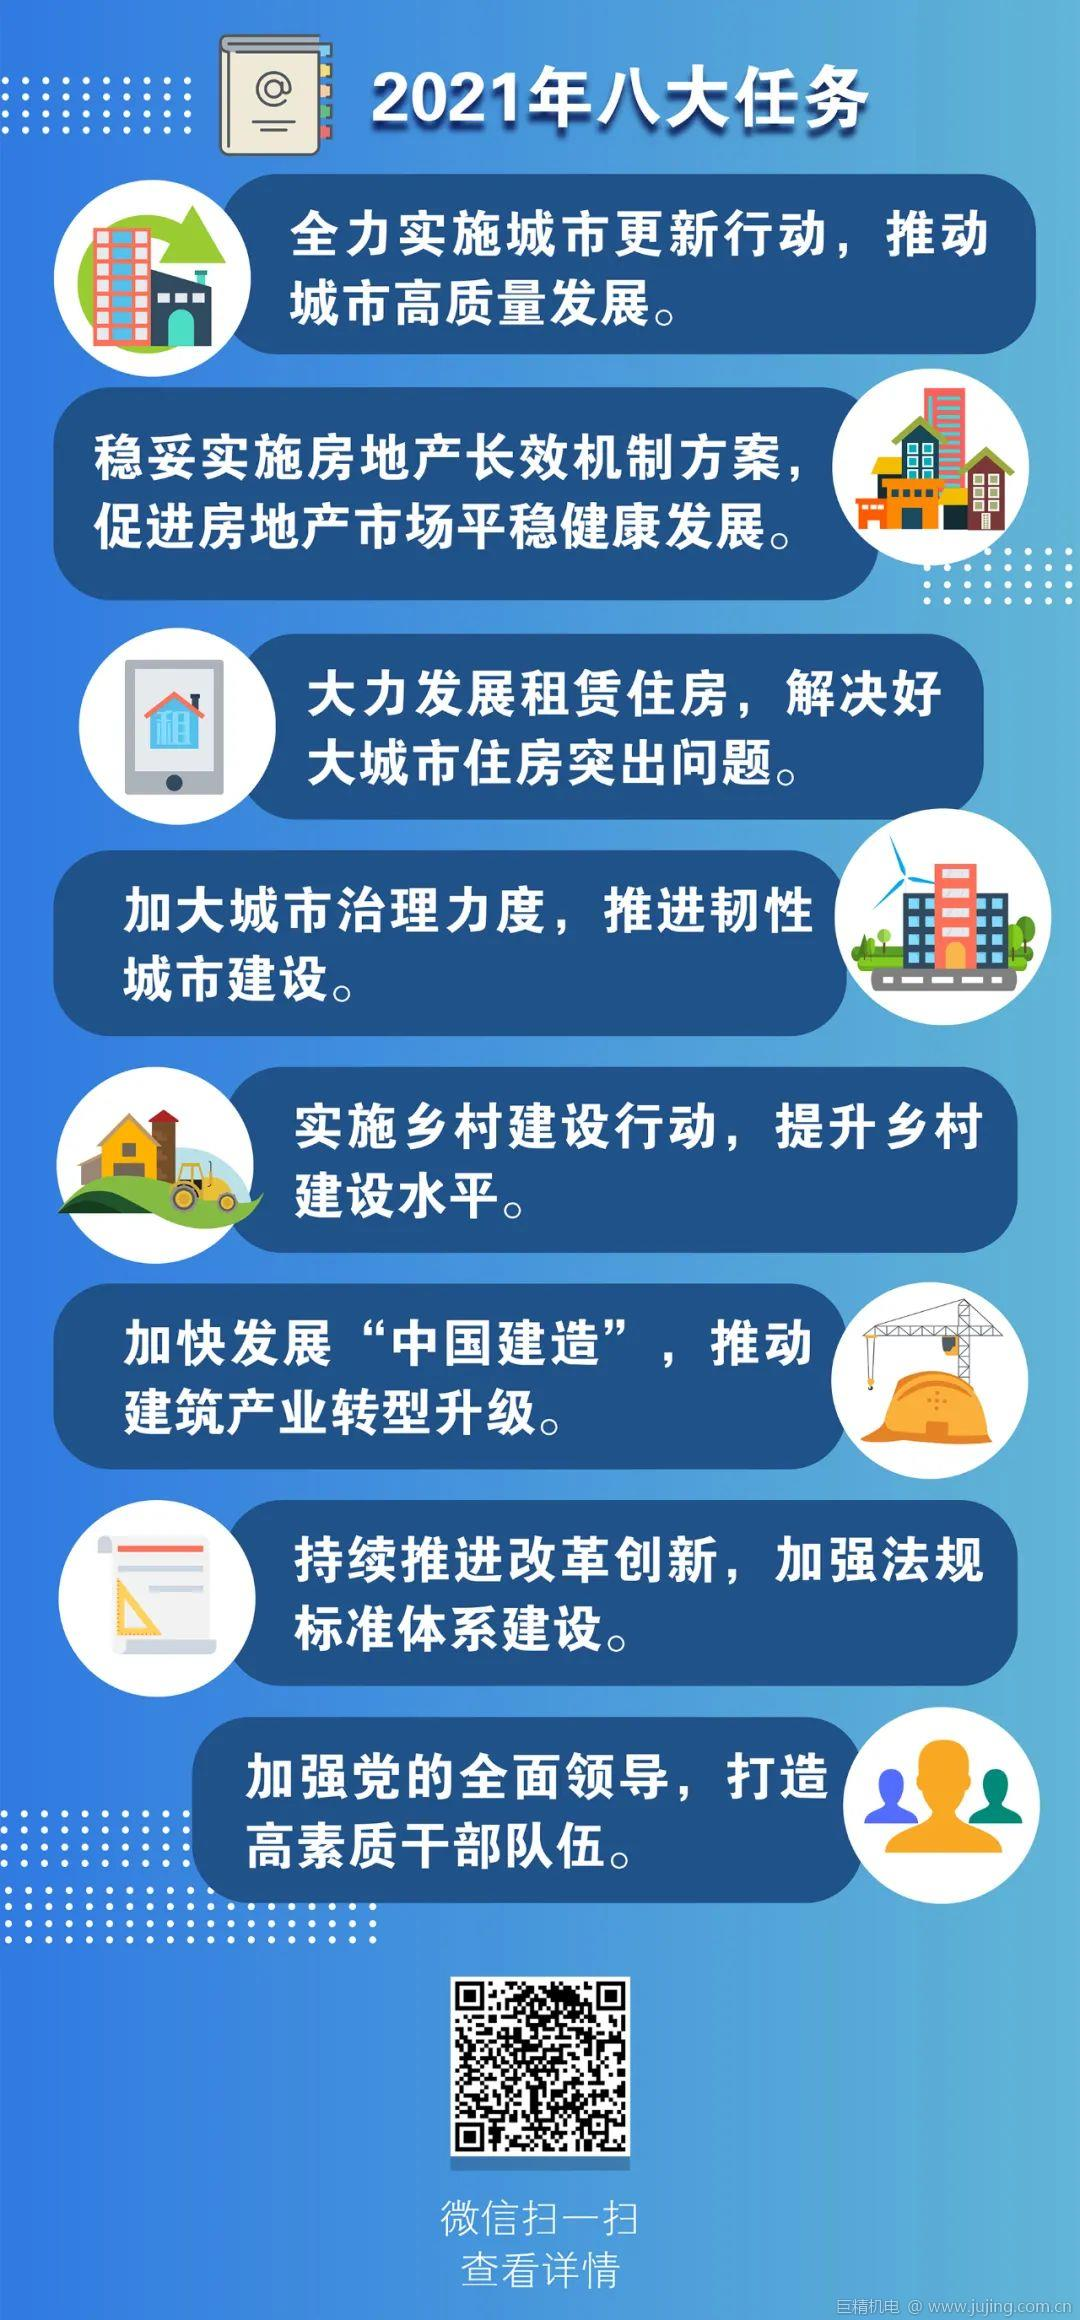 一图读懂 全国住房和城乡建设工作会议都传递了哪些信息?